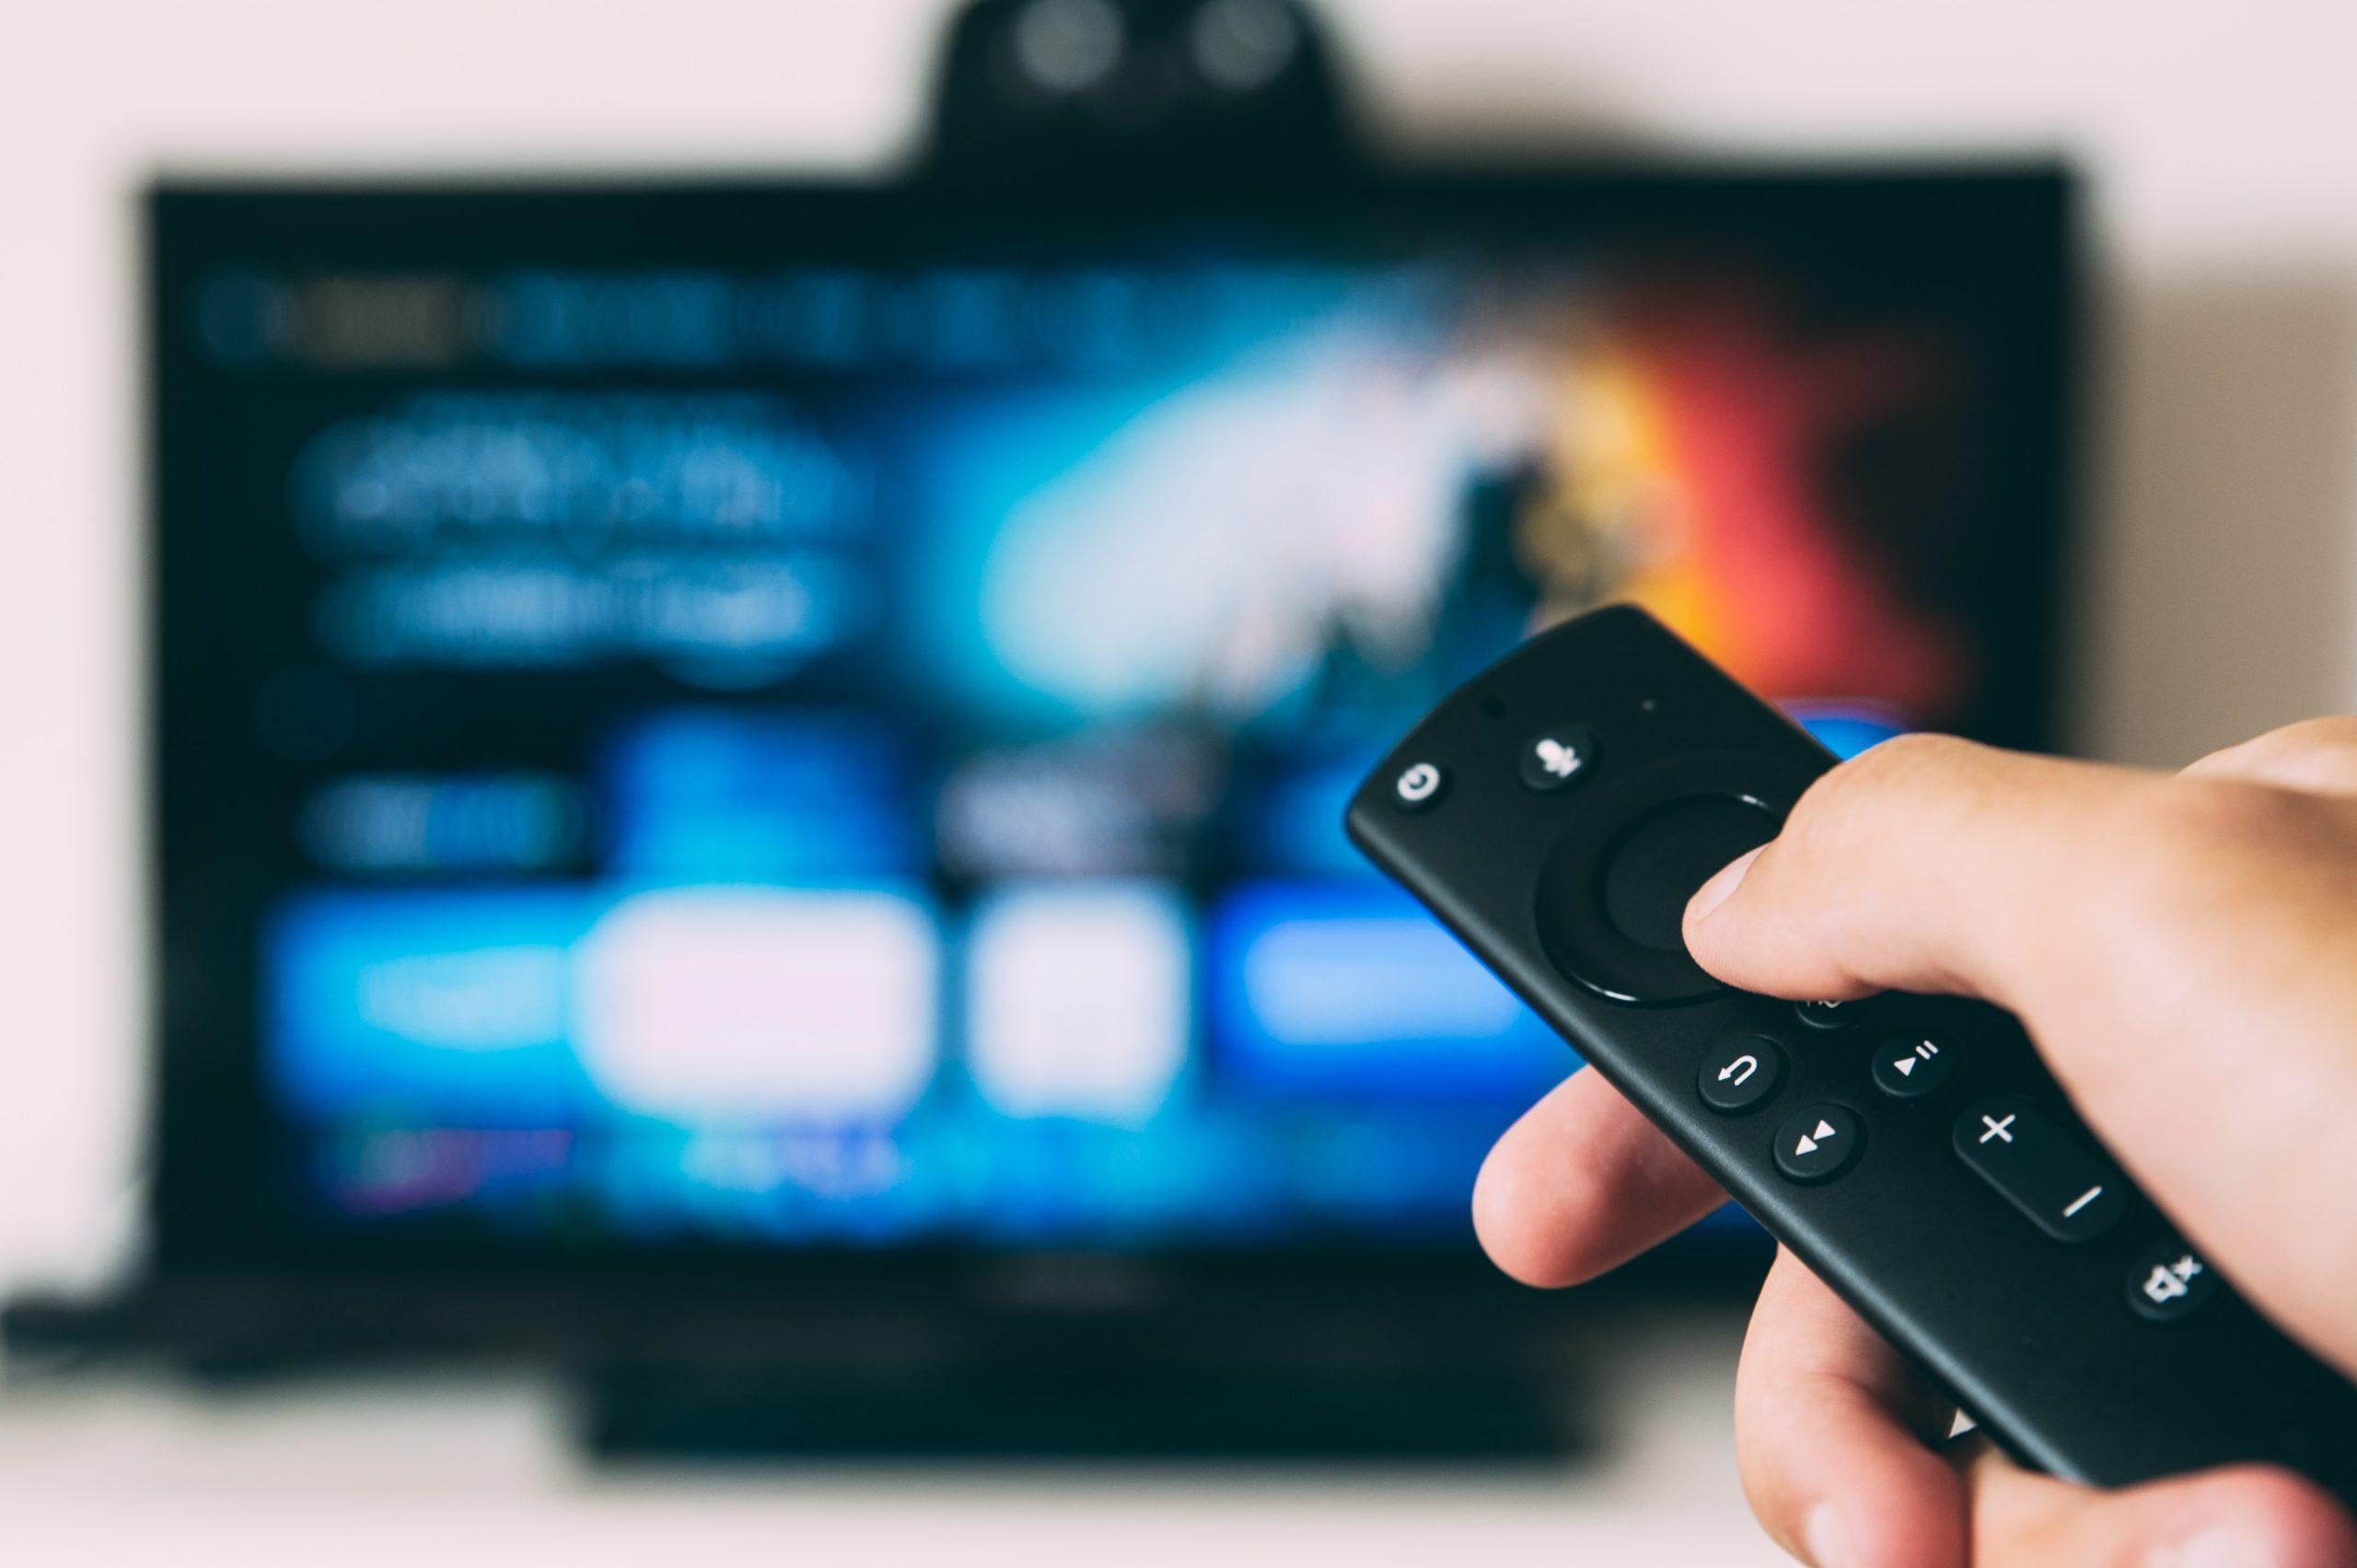 アマゾンプライムビデオ(Amazon Prime Video)とは何口コミや特徴は8つの動画配信サービス利用経験をもとに1つのデメリットと5つのメリットを解説!